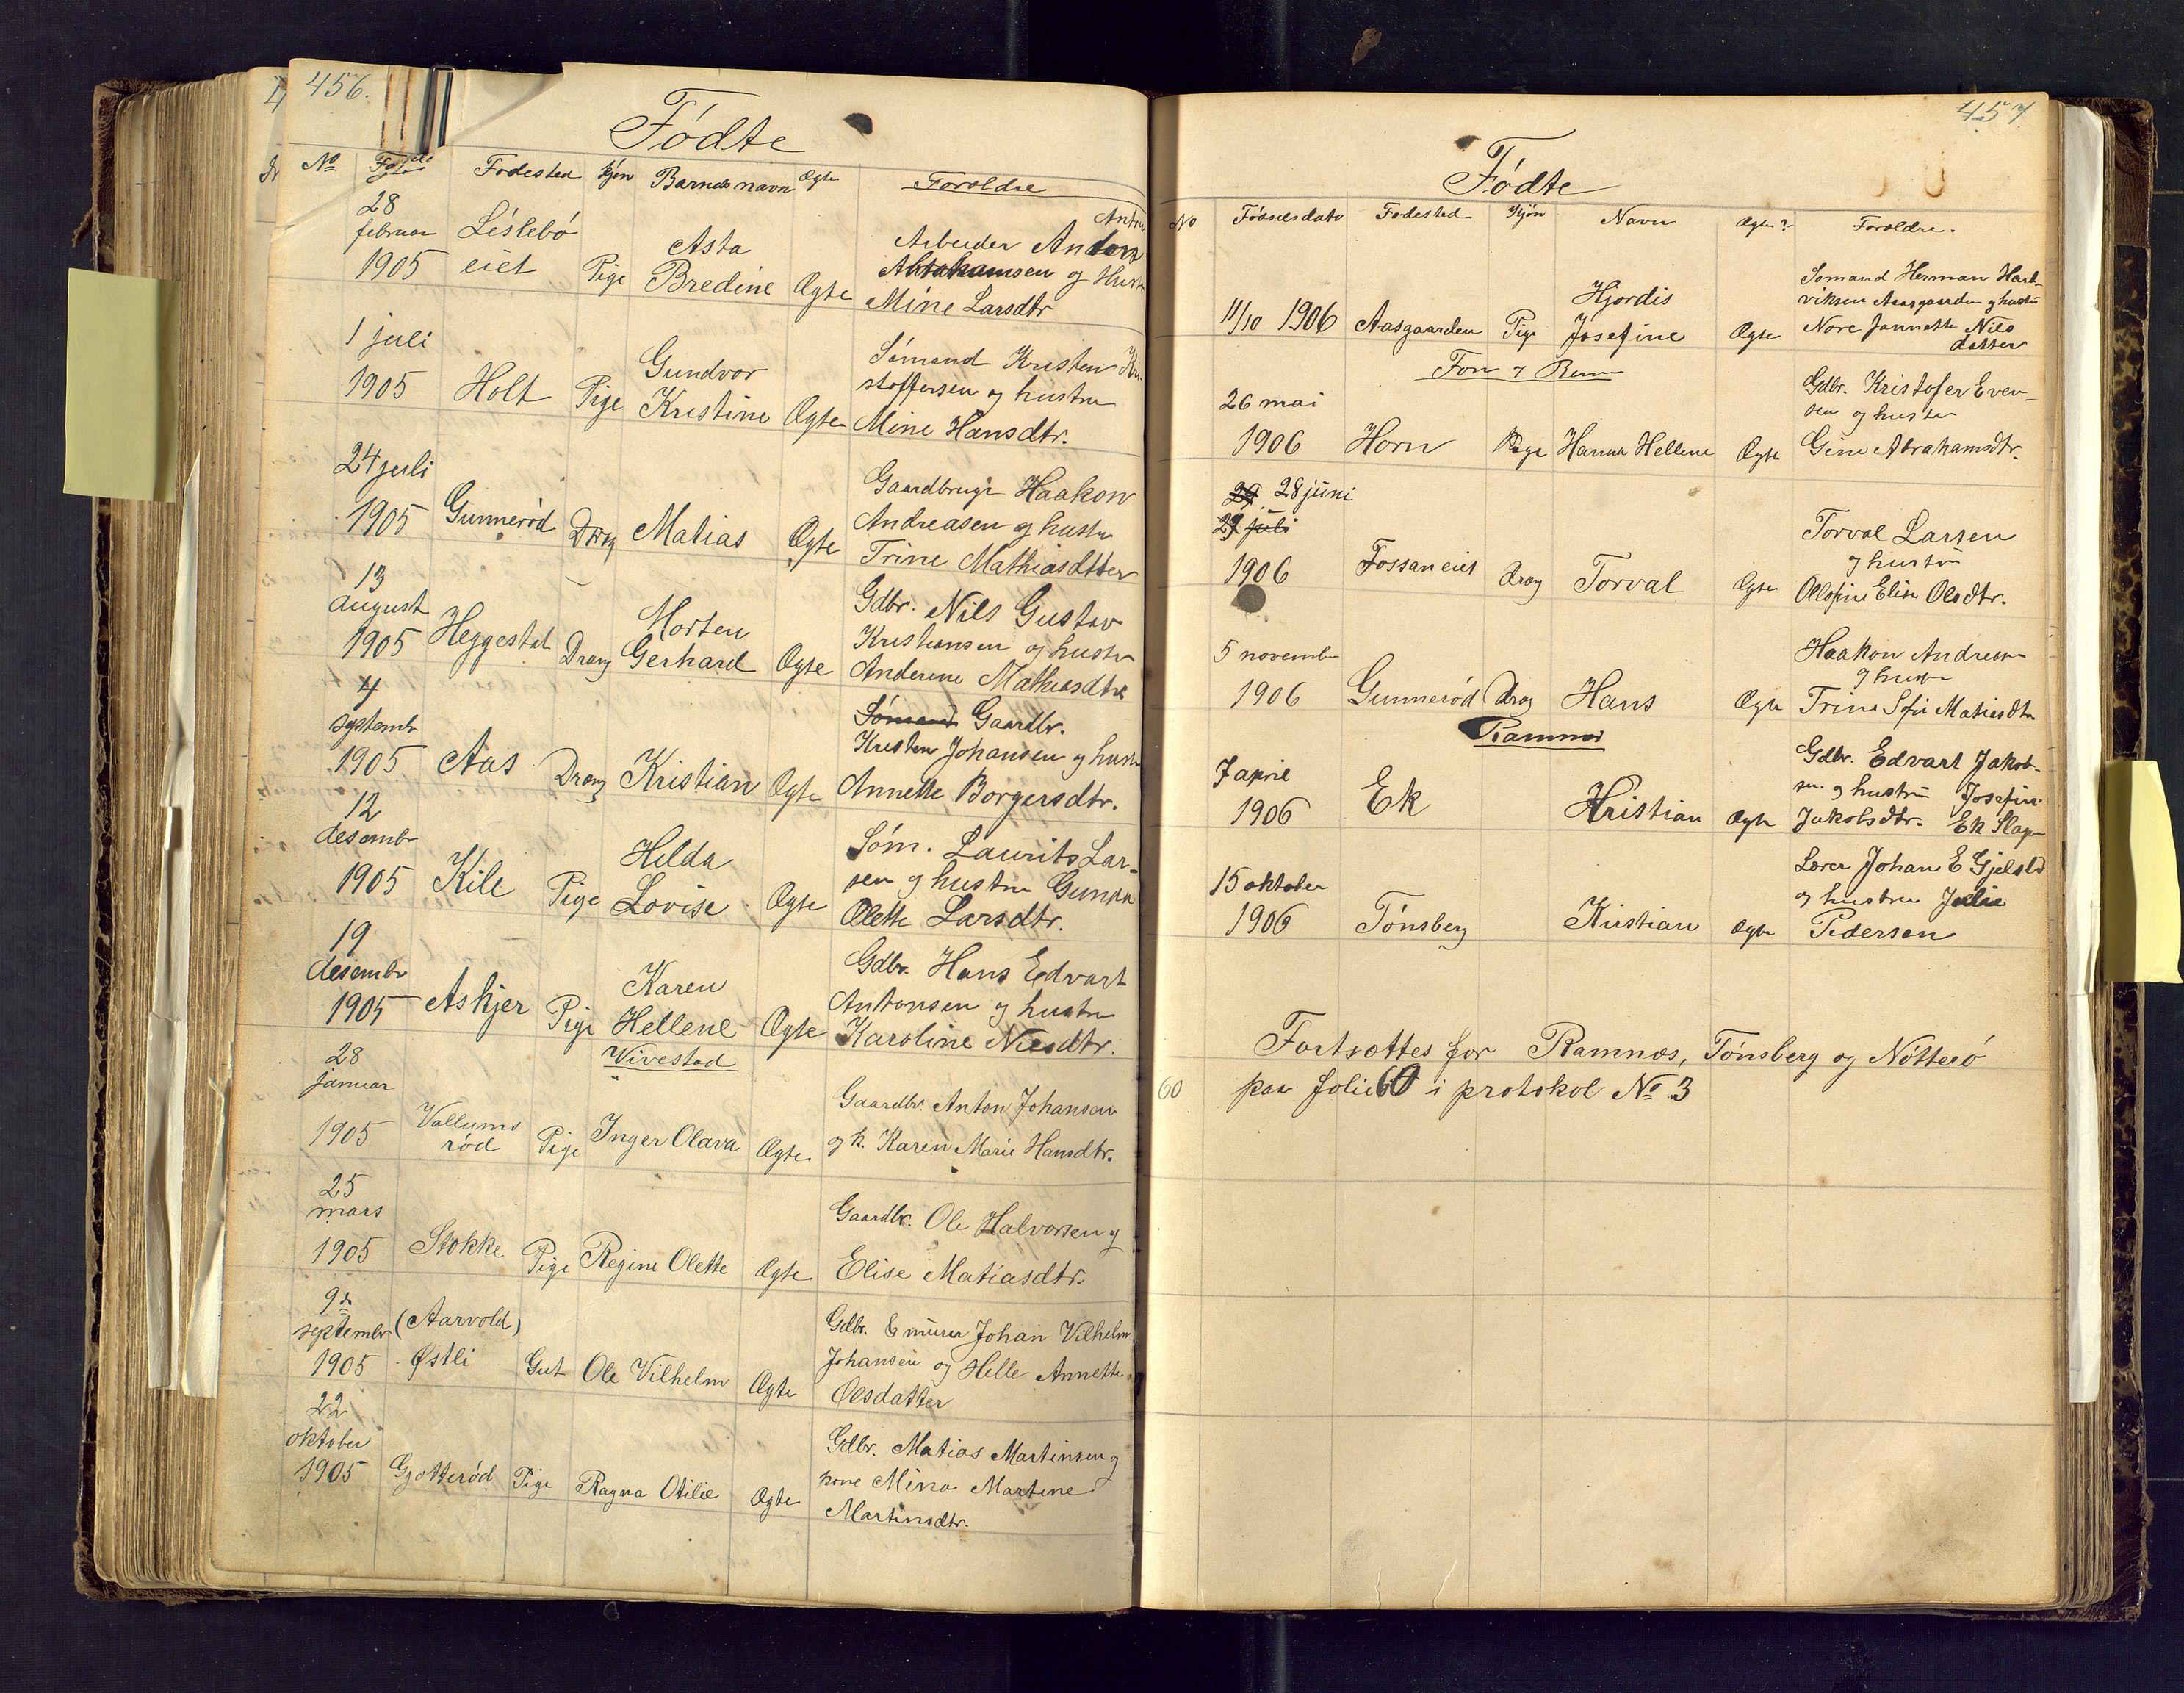 SAKO, Den evangelisk lutherske frimenighet i Jarlsbergs grevskap med flere steder, F/Fa/L0001: Dissenter register no. Fa/L0001, 1872-1925, p. 456-457